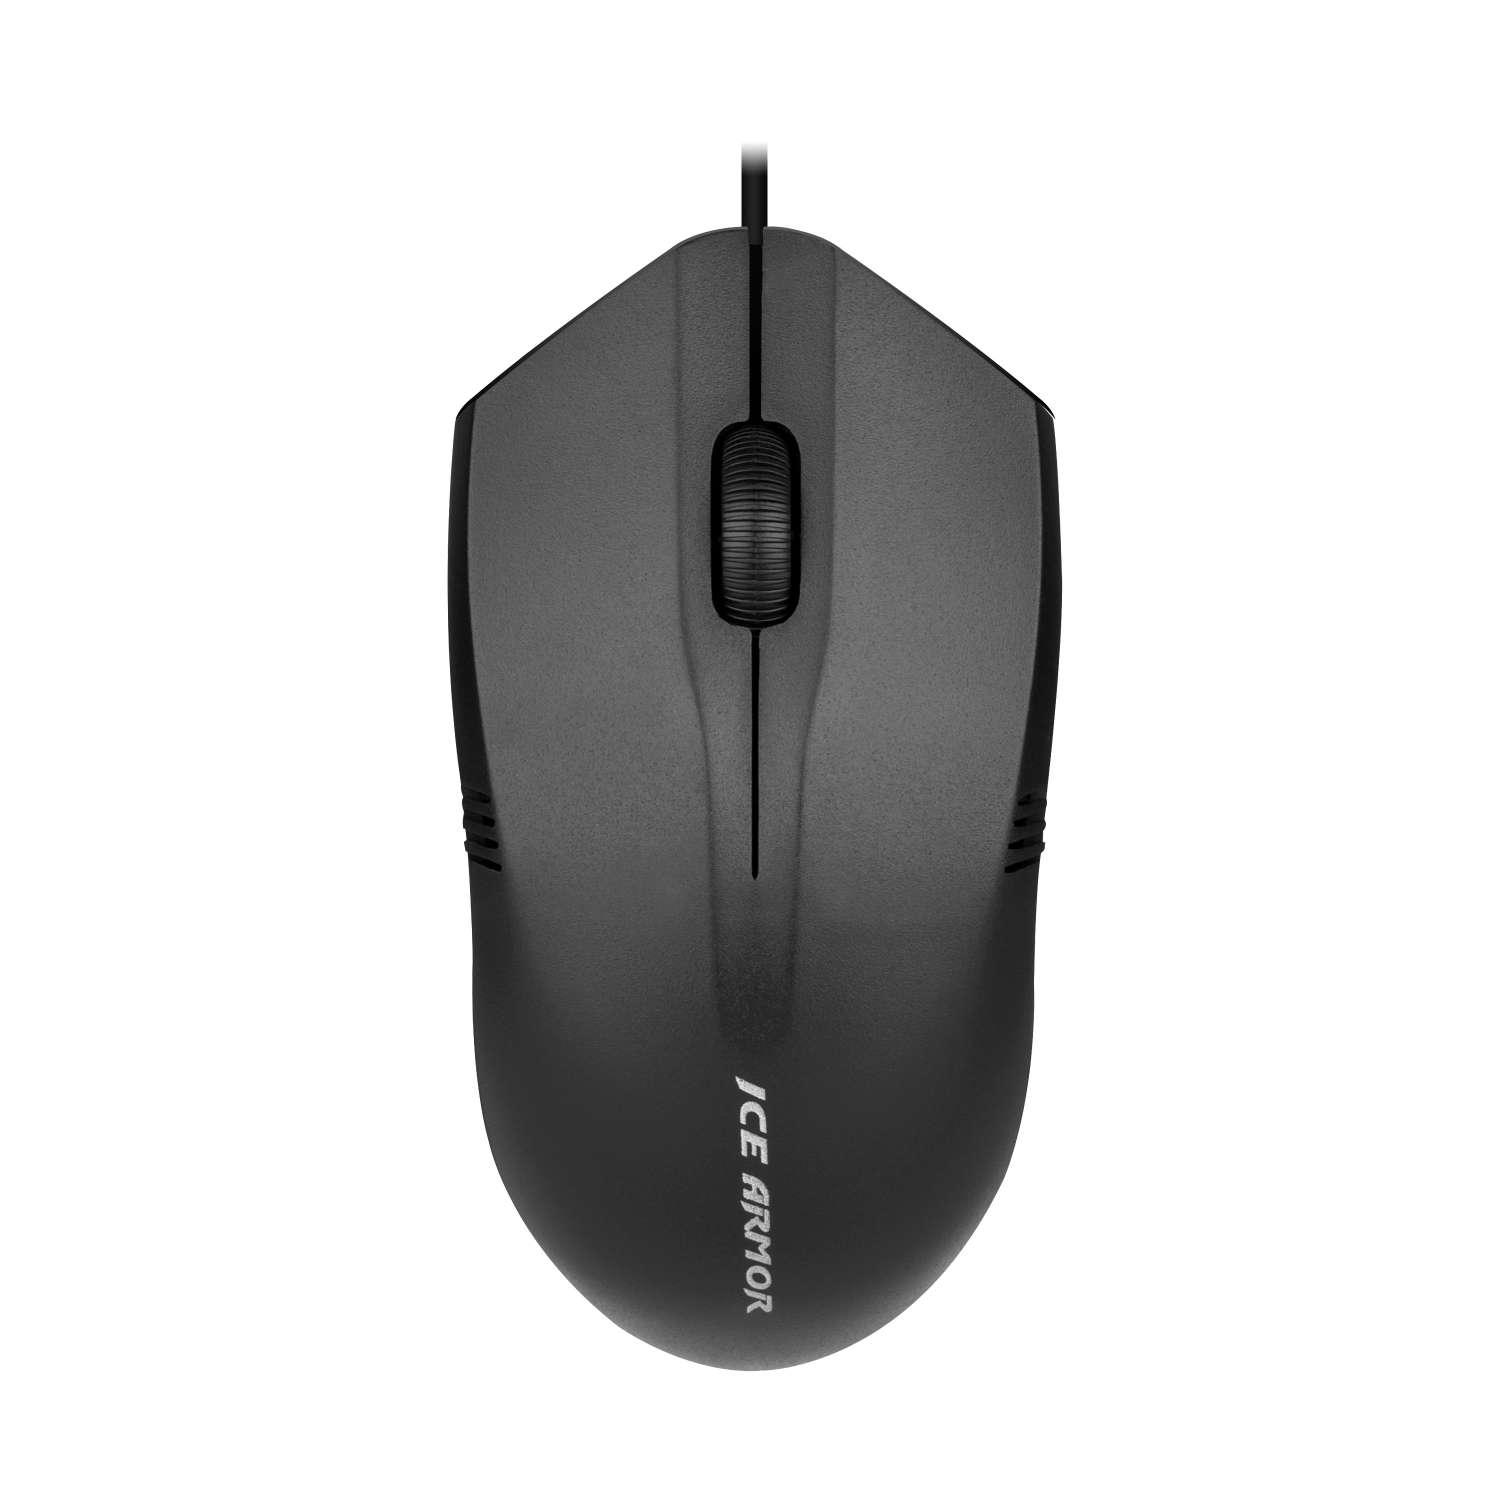 冰甲T6鼠标厂家USB有线办公家用游戏笔记本台式机电脑通用鼠标